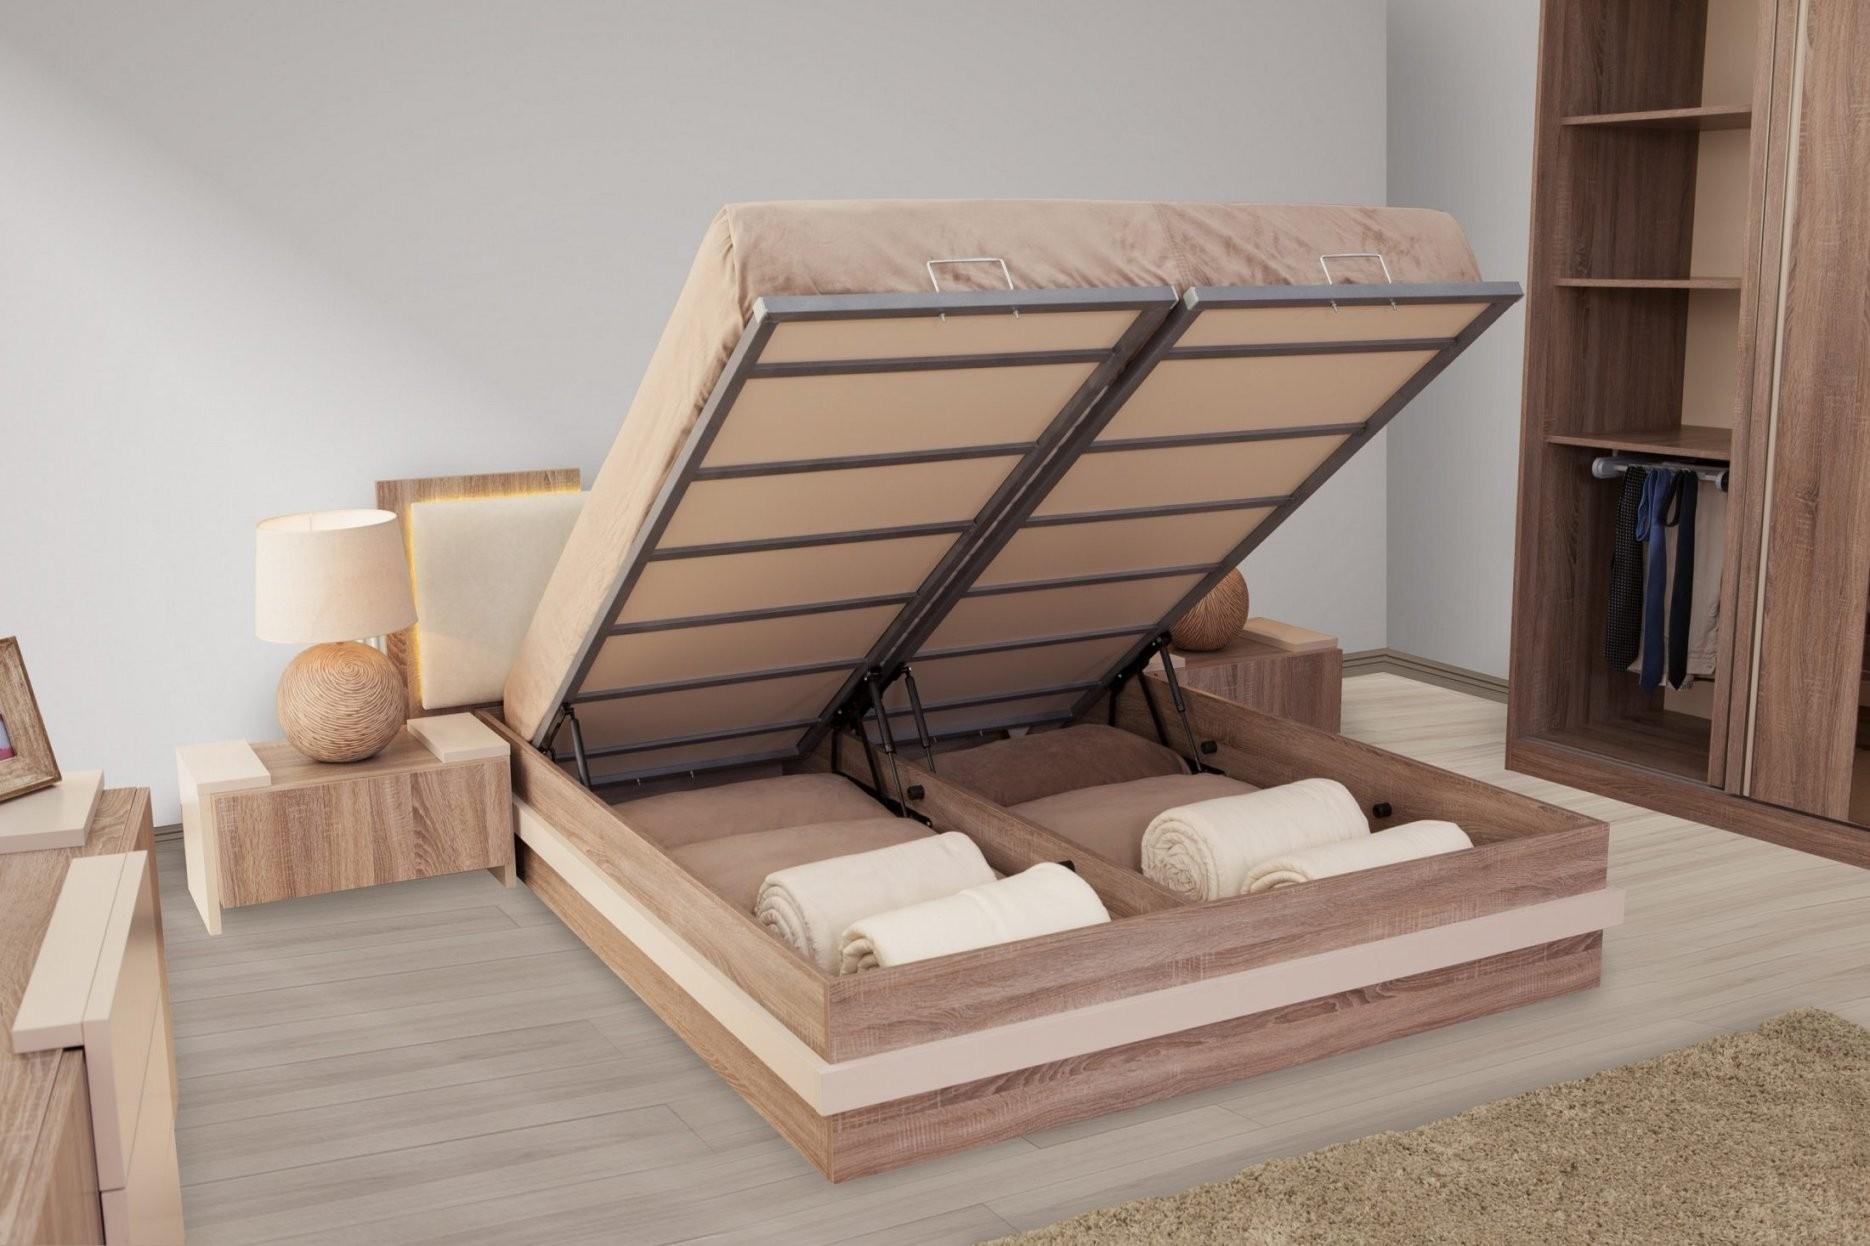 Kappa Bett Mit Stauraum 160 X 200 Cm  Möbel Harmonia Gmbh  Swiss von Bett Mit Stauraum 160X200 Bild